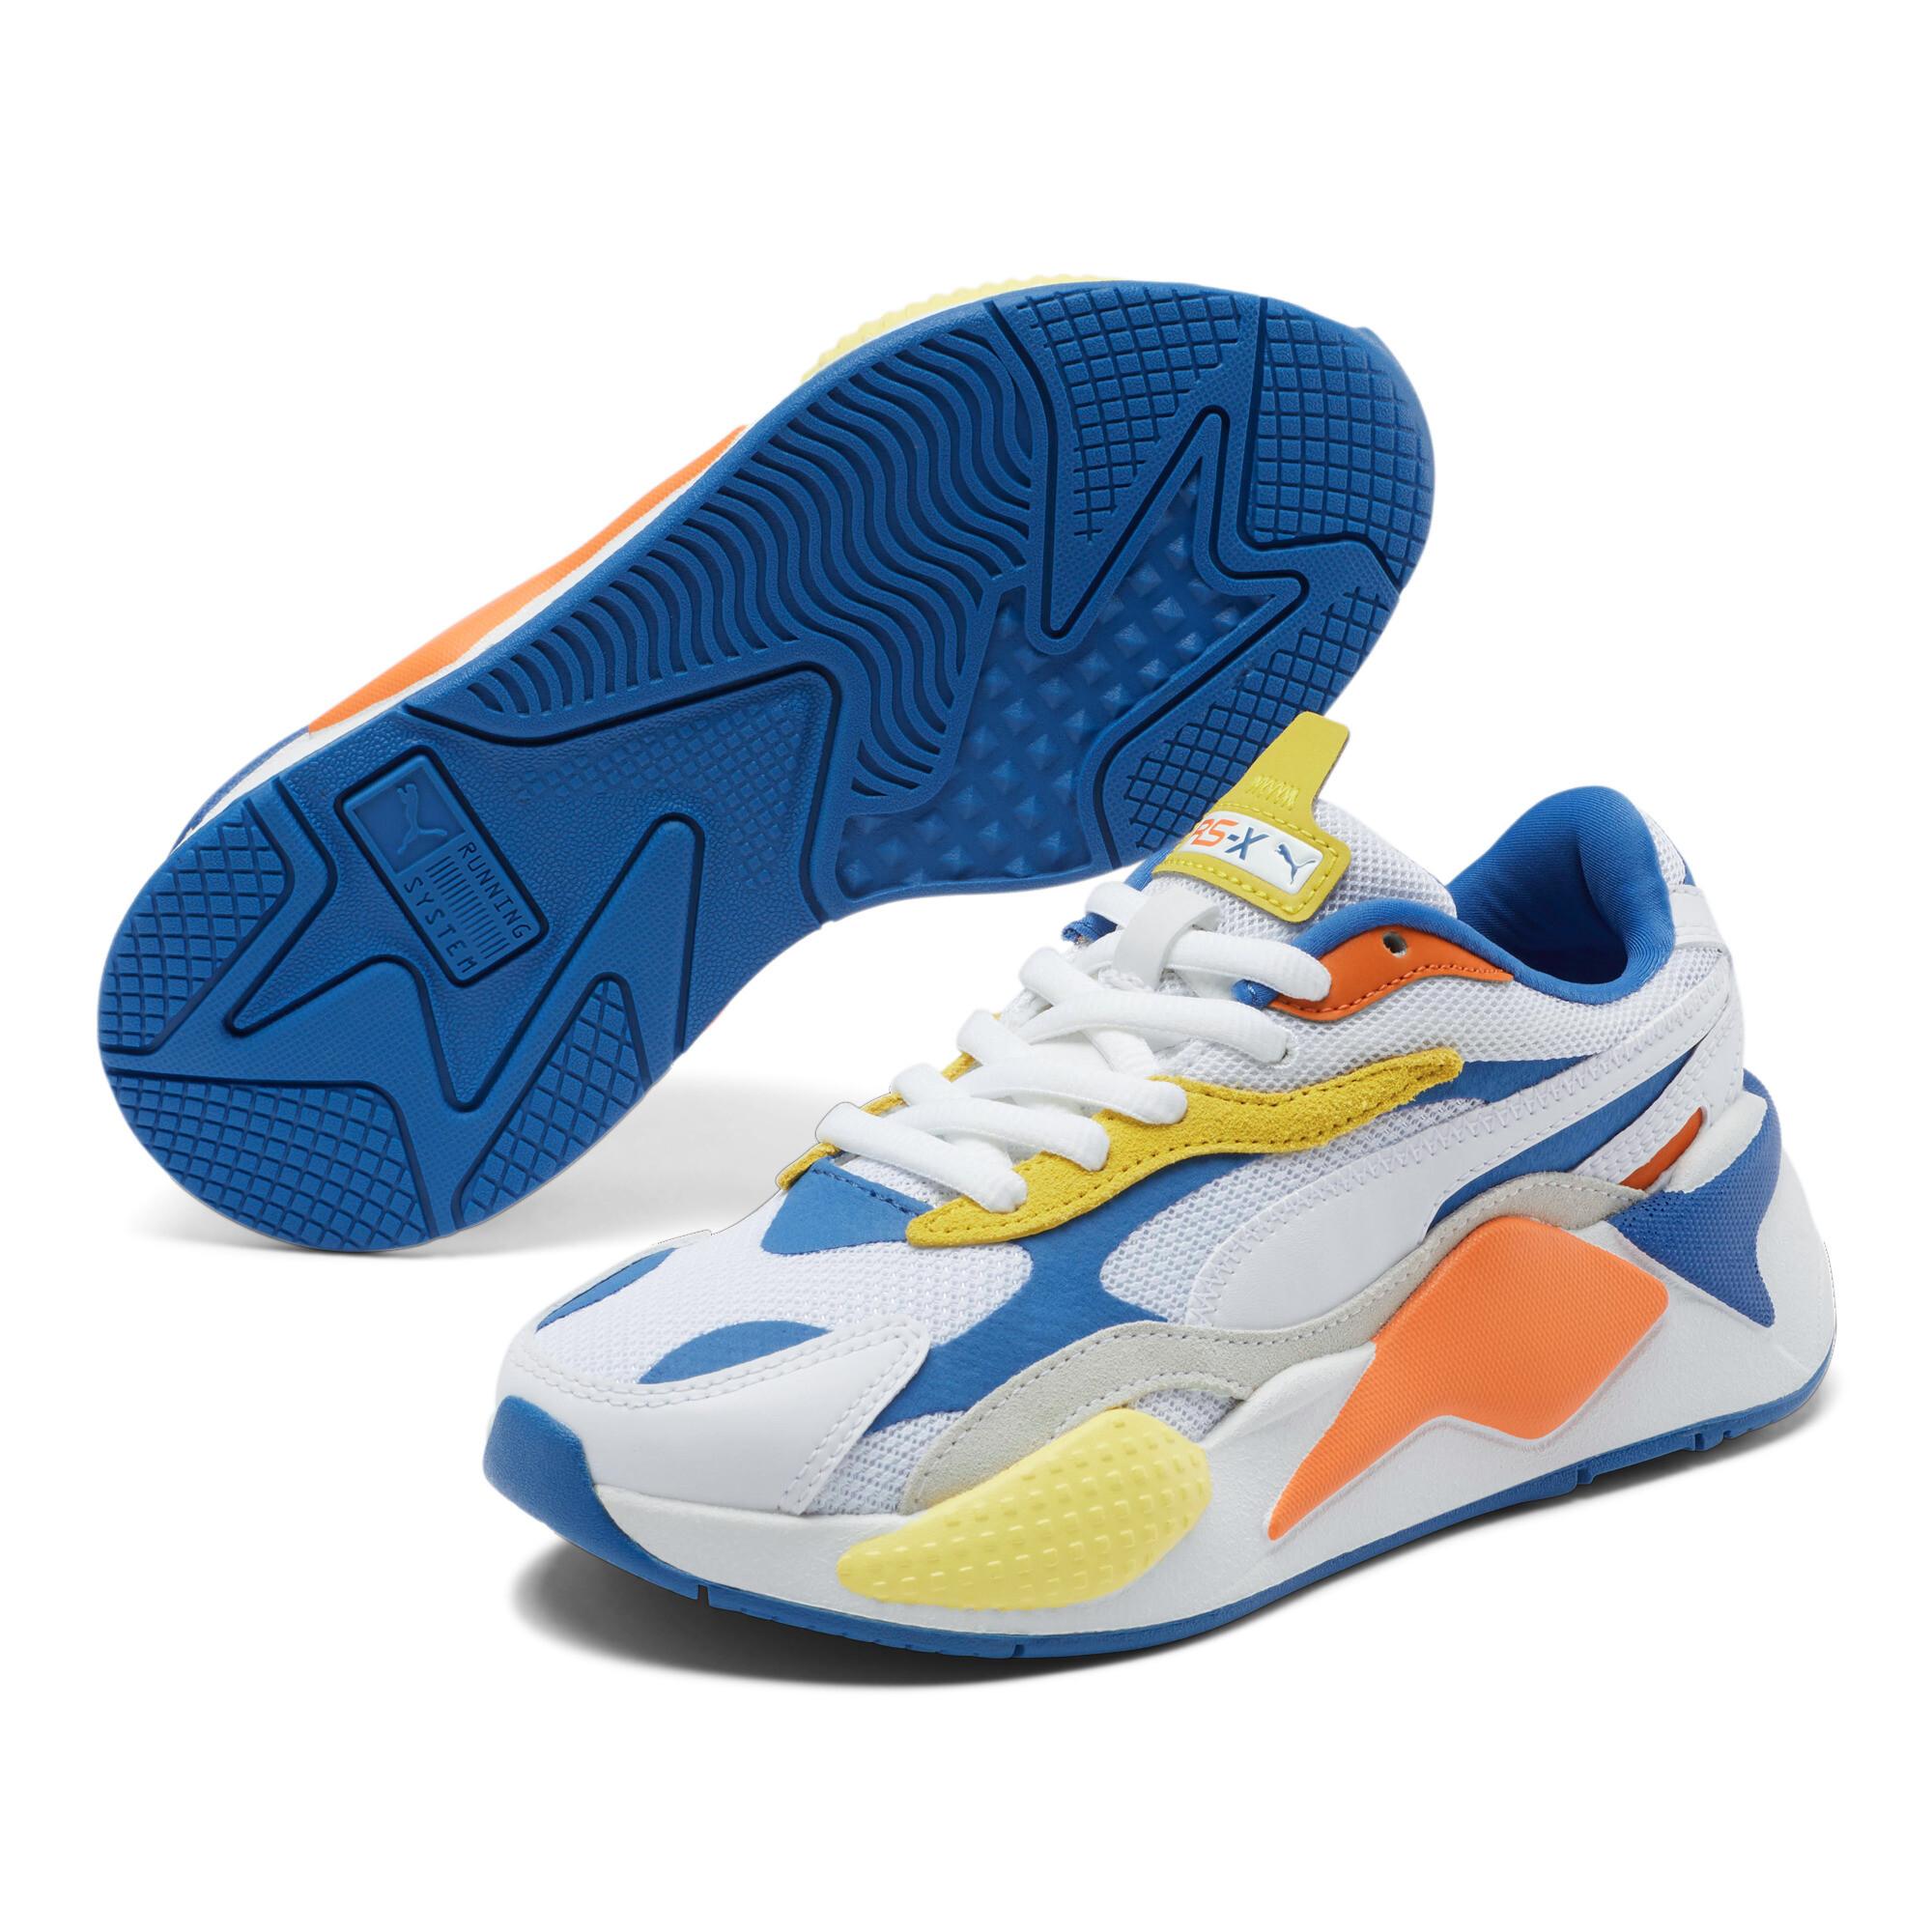 PUMA RS-X³ Puzzle Little Kids/' Shoes Unisex Shoe Kids